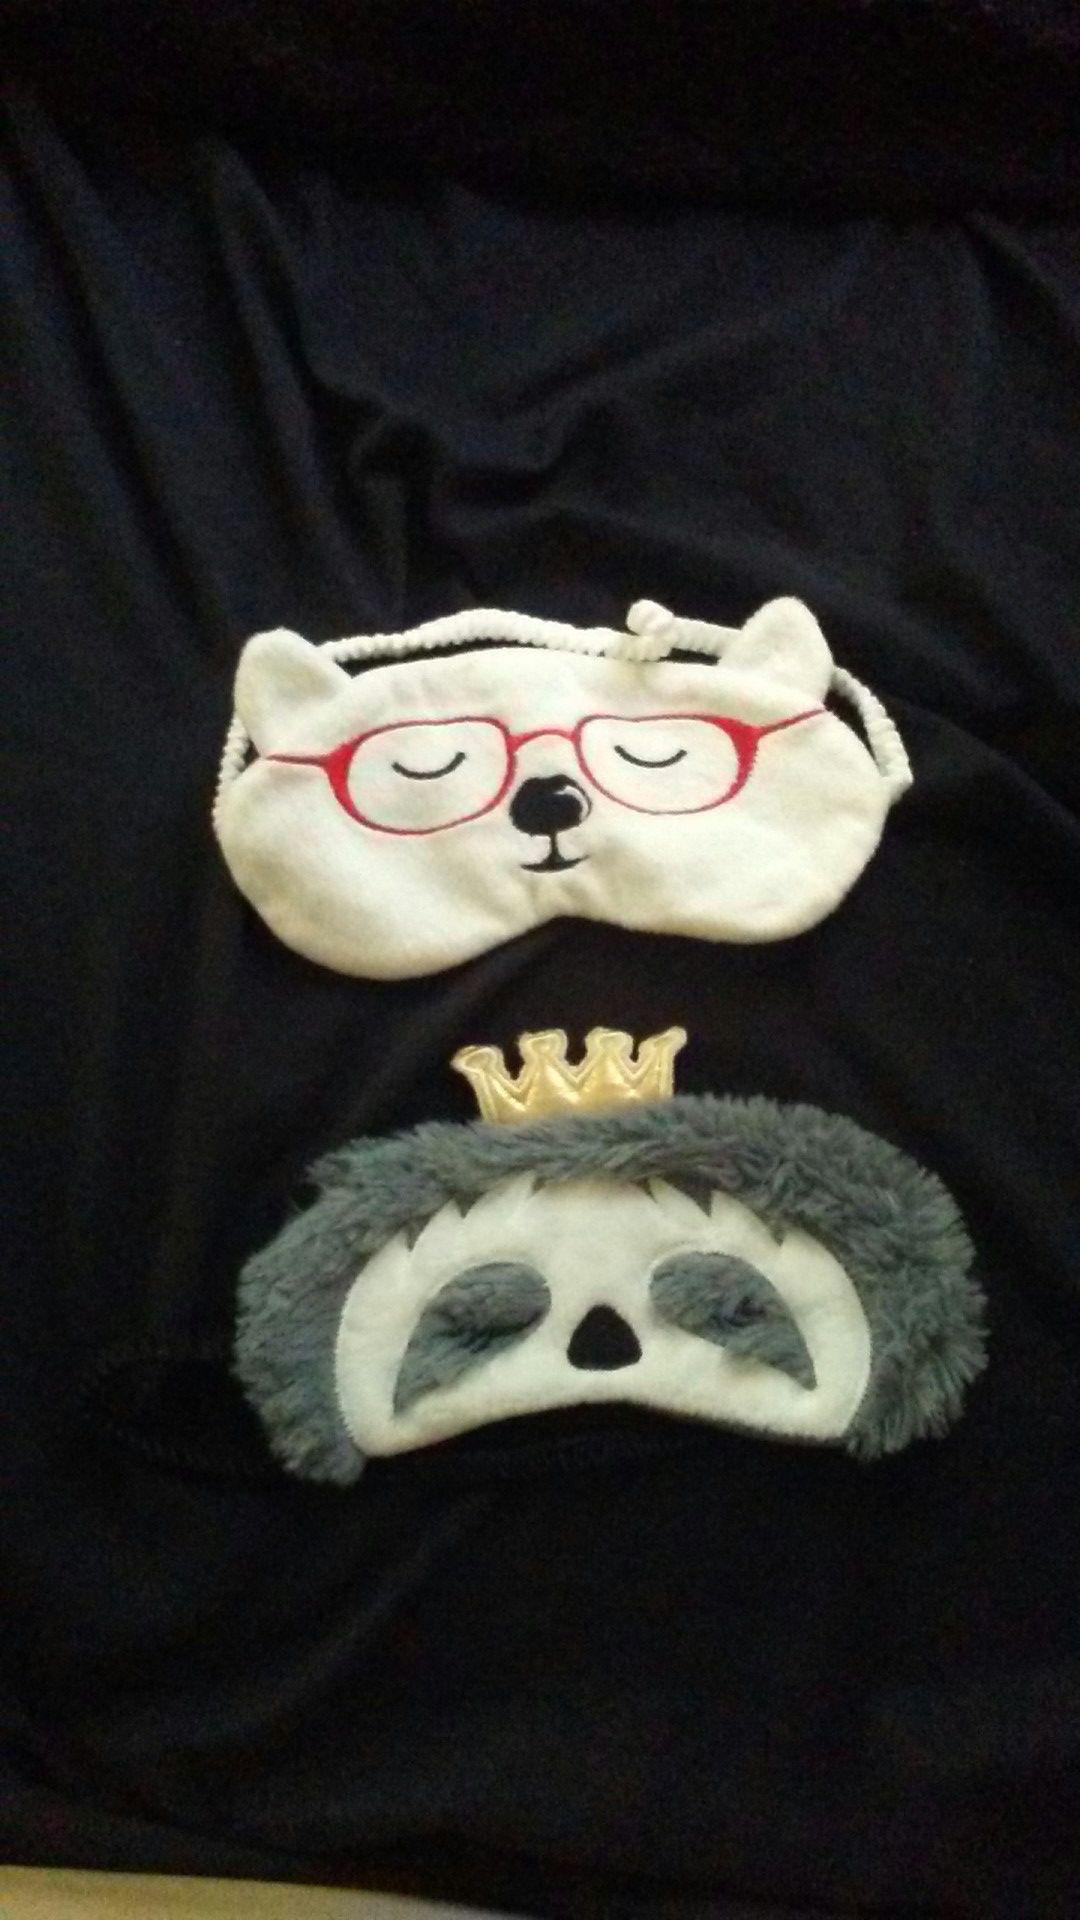 2 sleeping masks. Never used.